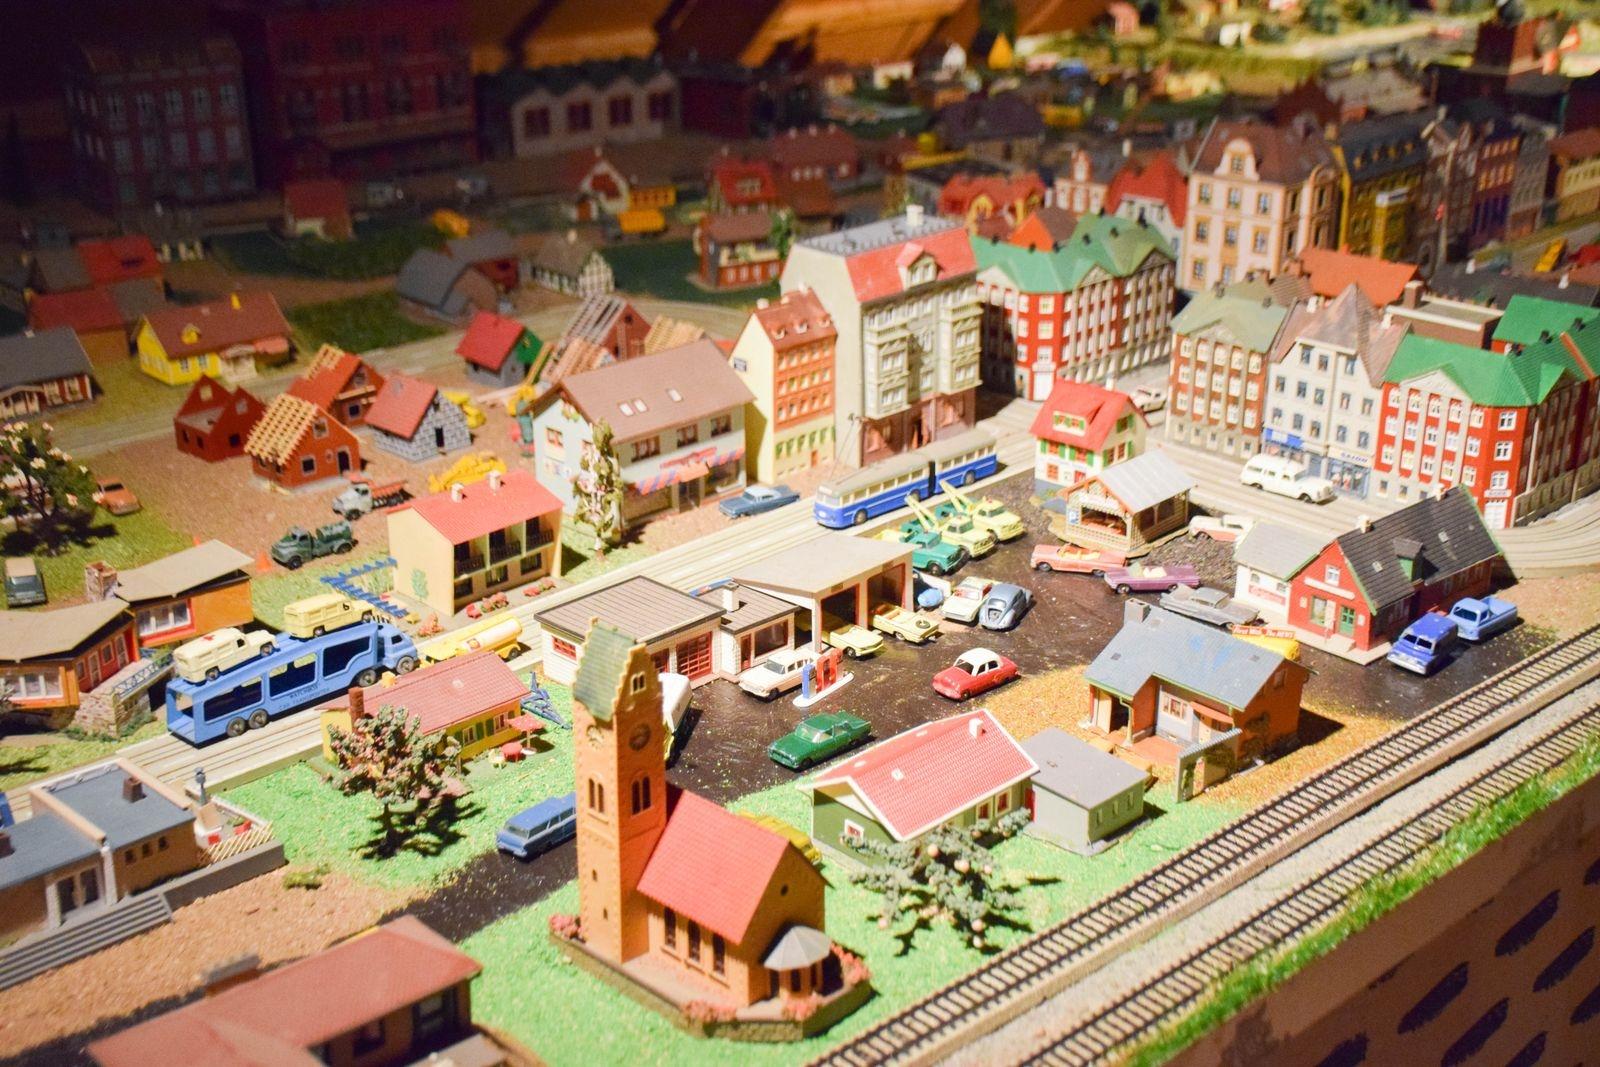 En åtta meter lång och drygt två meter bred modellvärld fylld med gamla leksaker av märkena Märklin och Faller är en av nyheterna för året.